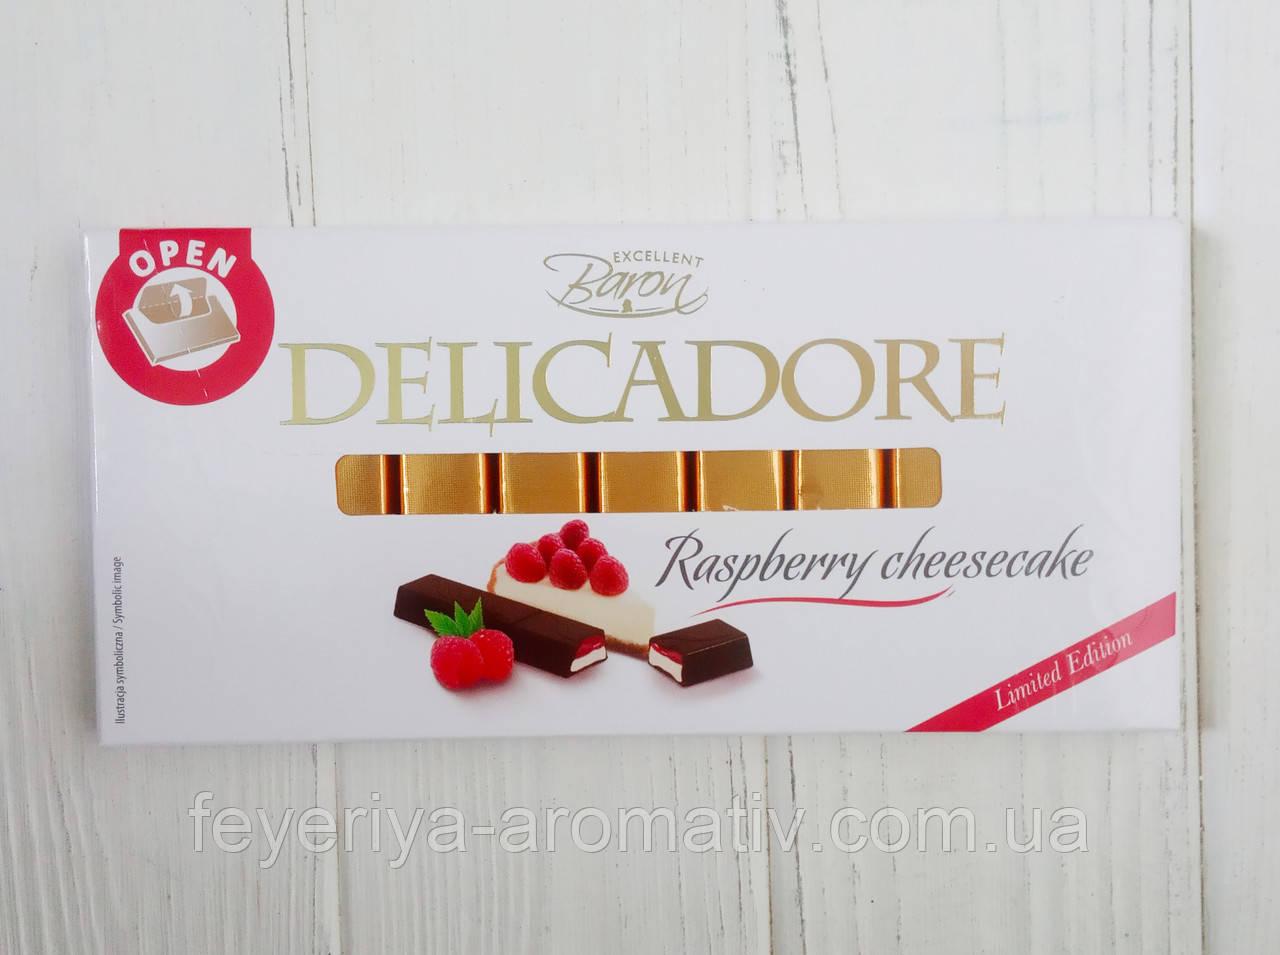 Шоколад черный DelicaDore Raspberry cheesecake 200гр. (Польша)